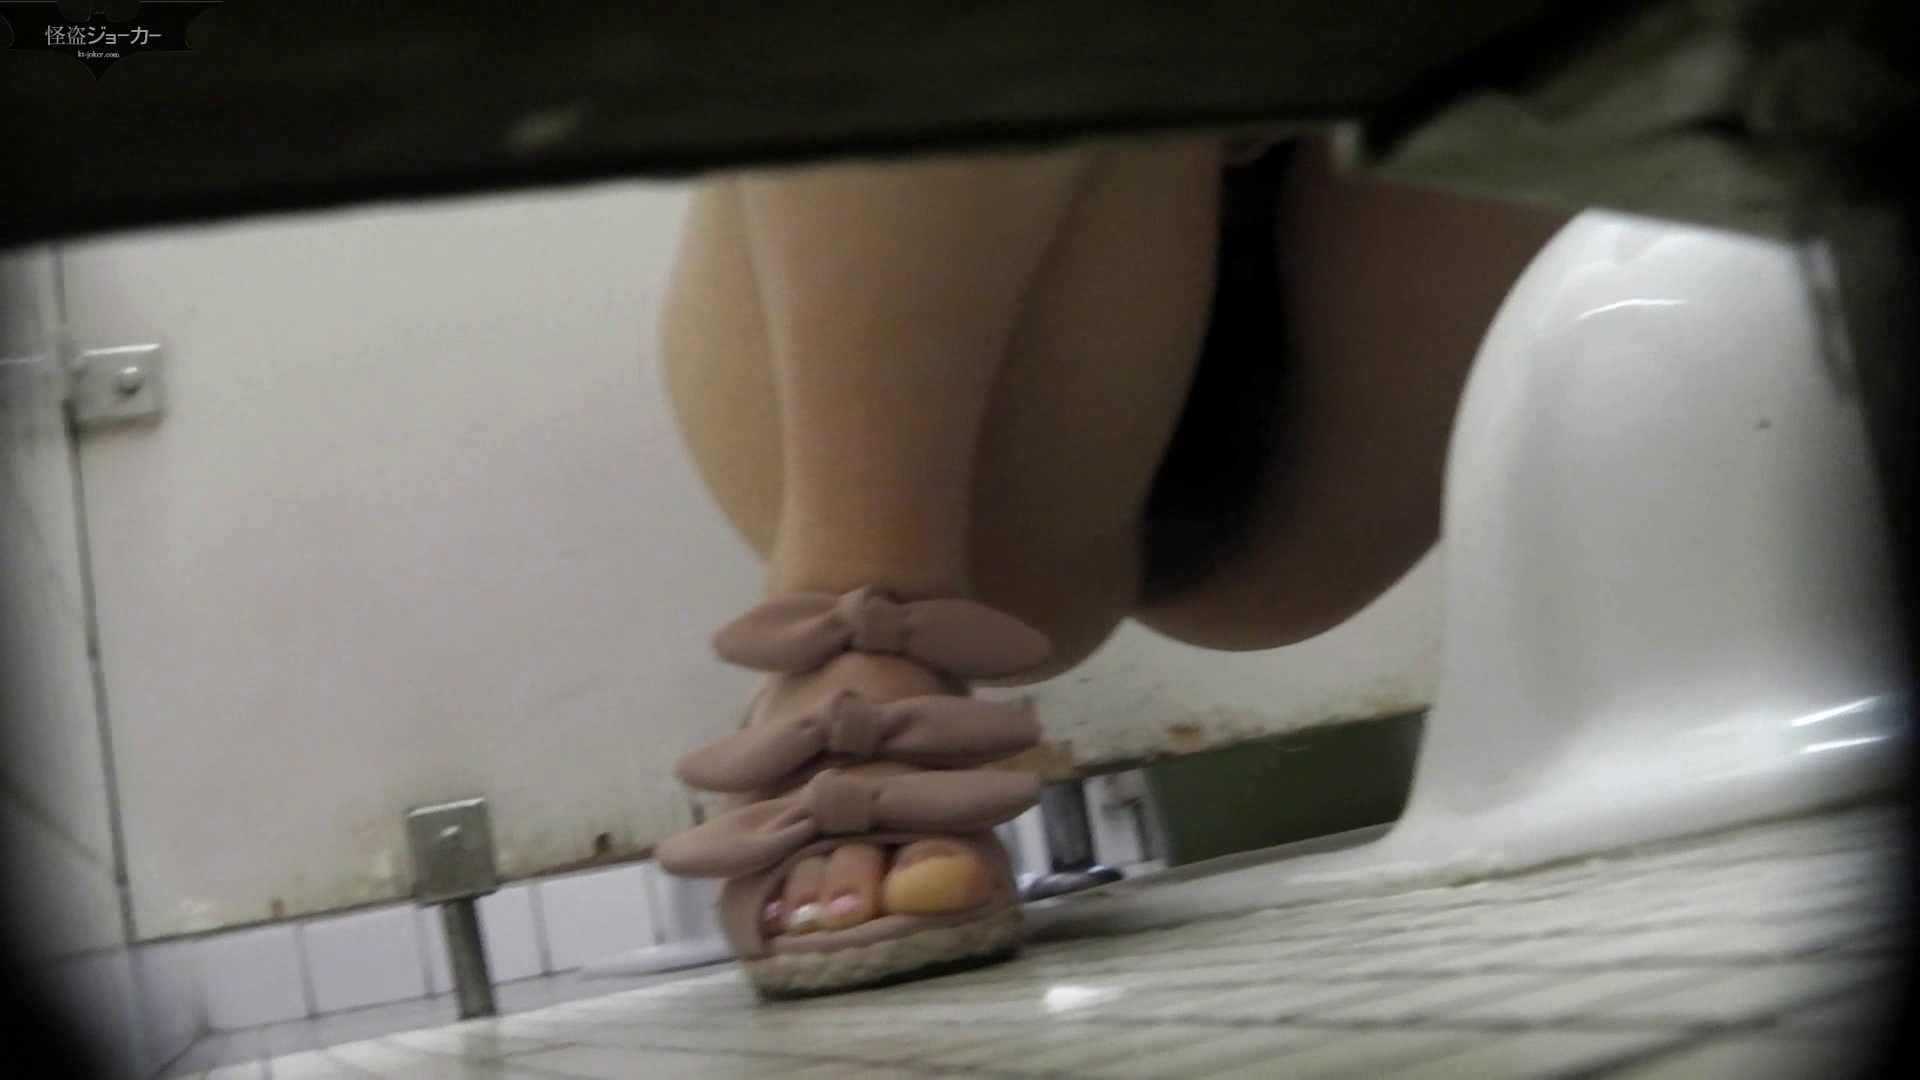 【美しき個室な世界】洗面所特攻隊 vol.051 エッチなOL  93枚 74